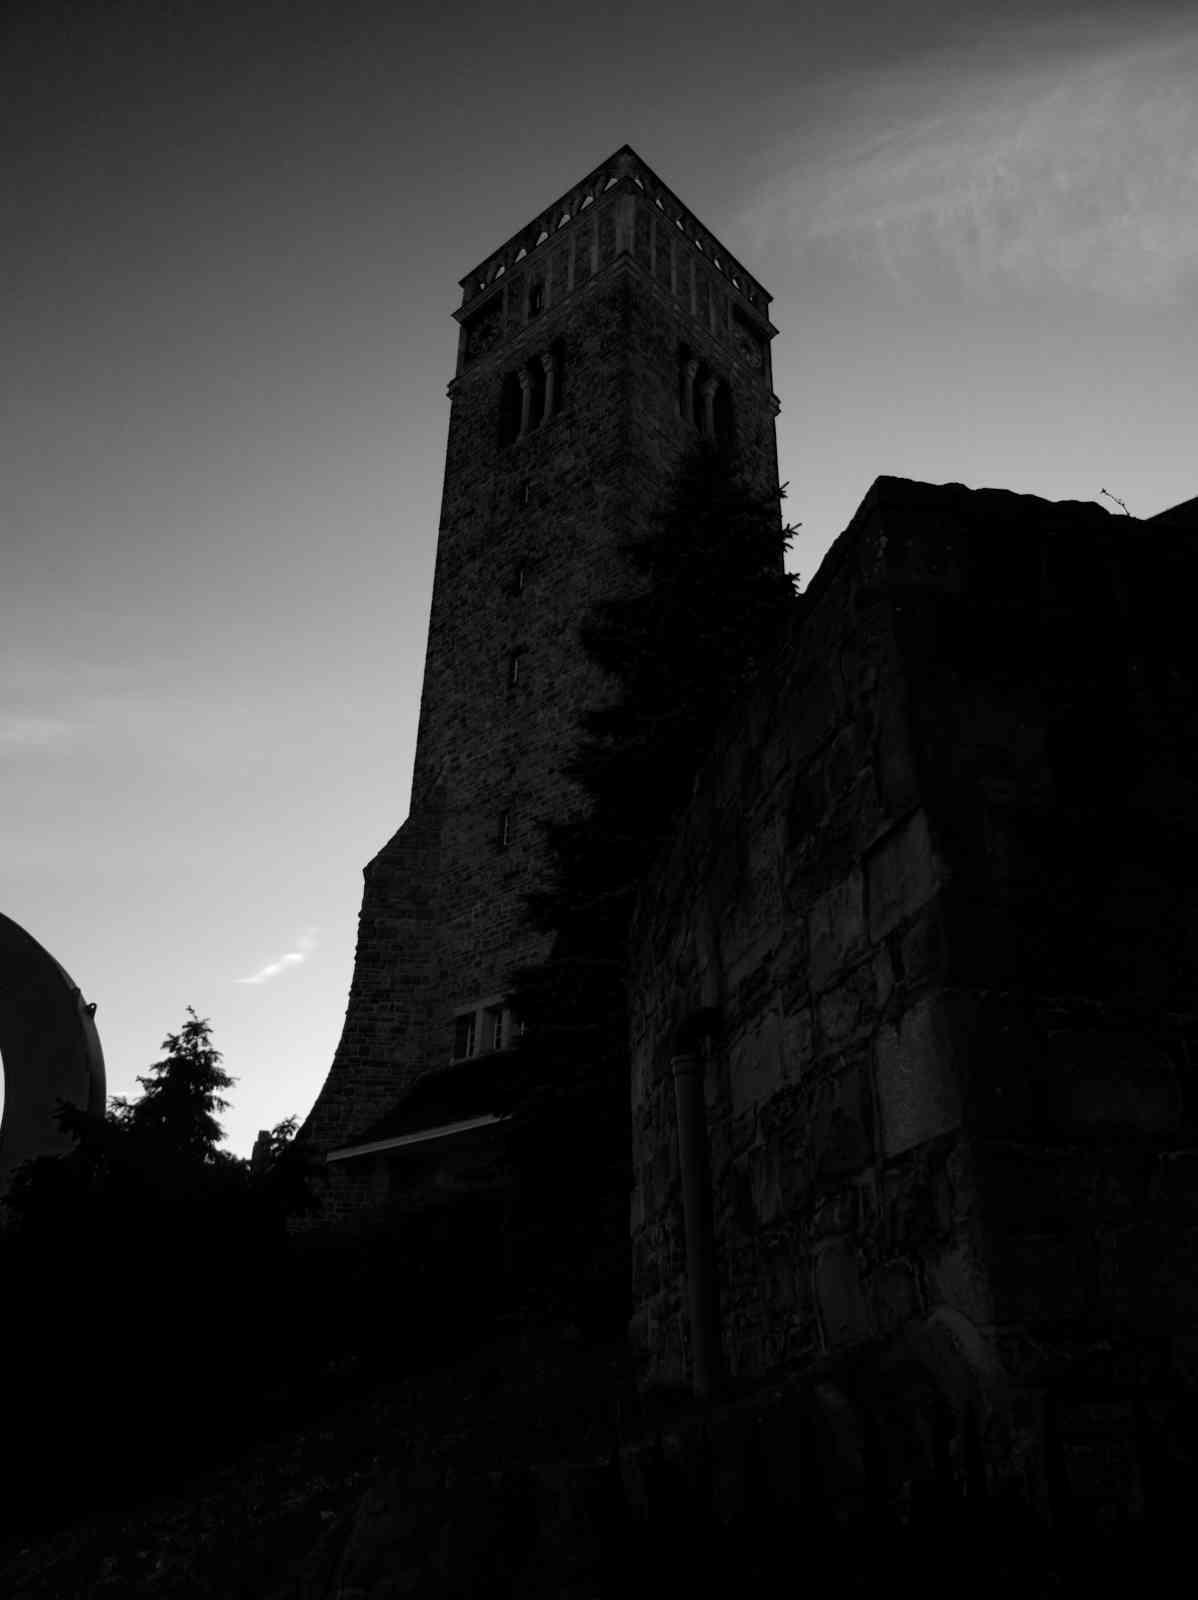 Sonnborner Kirche - Dunkles Gemäuer